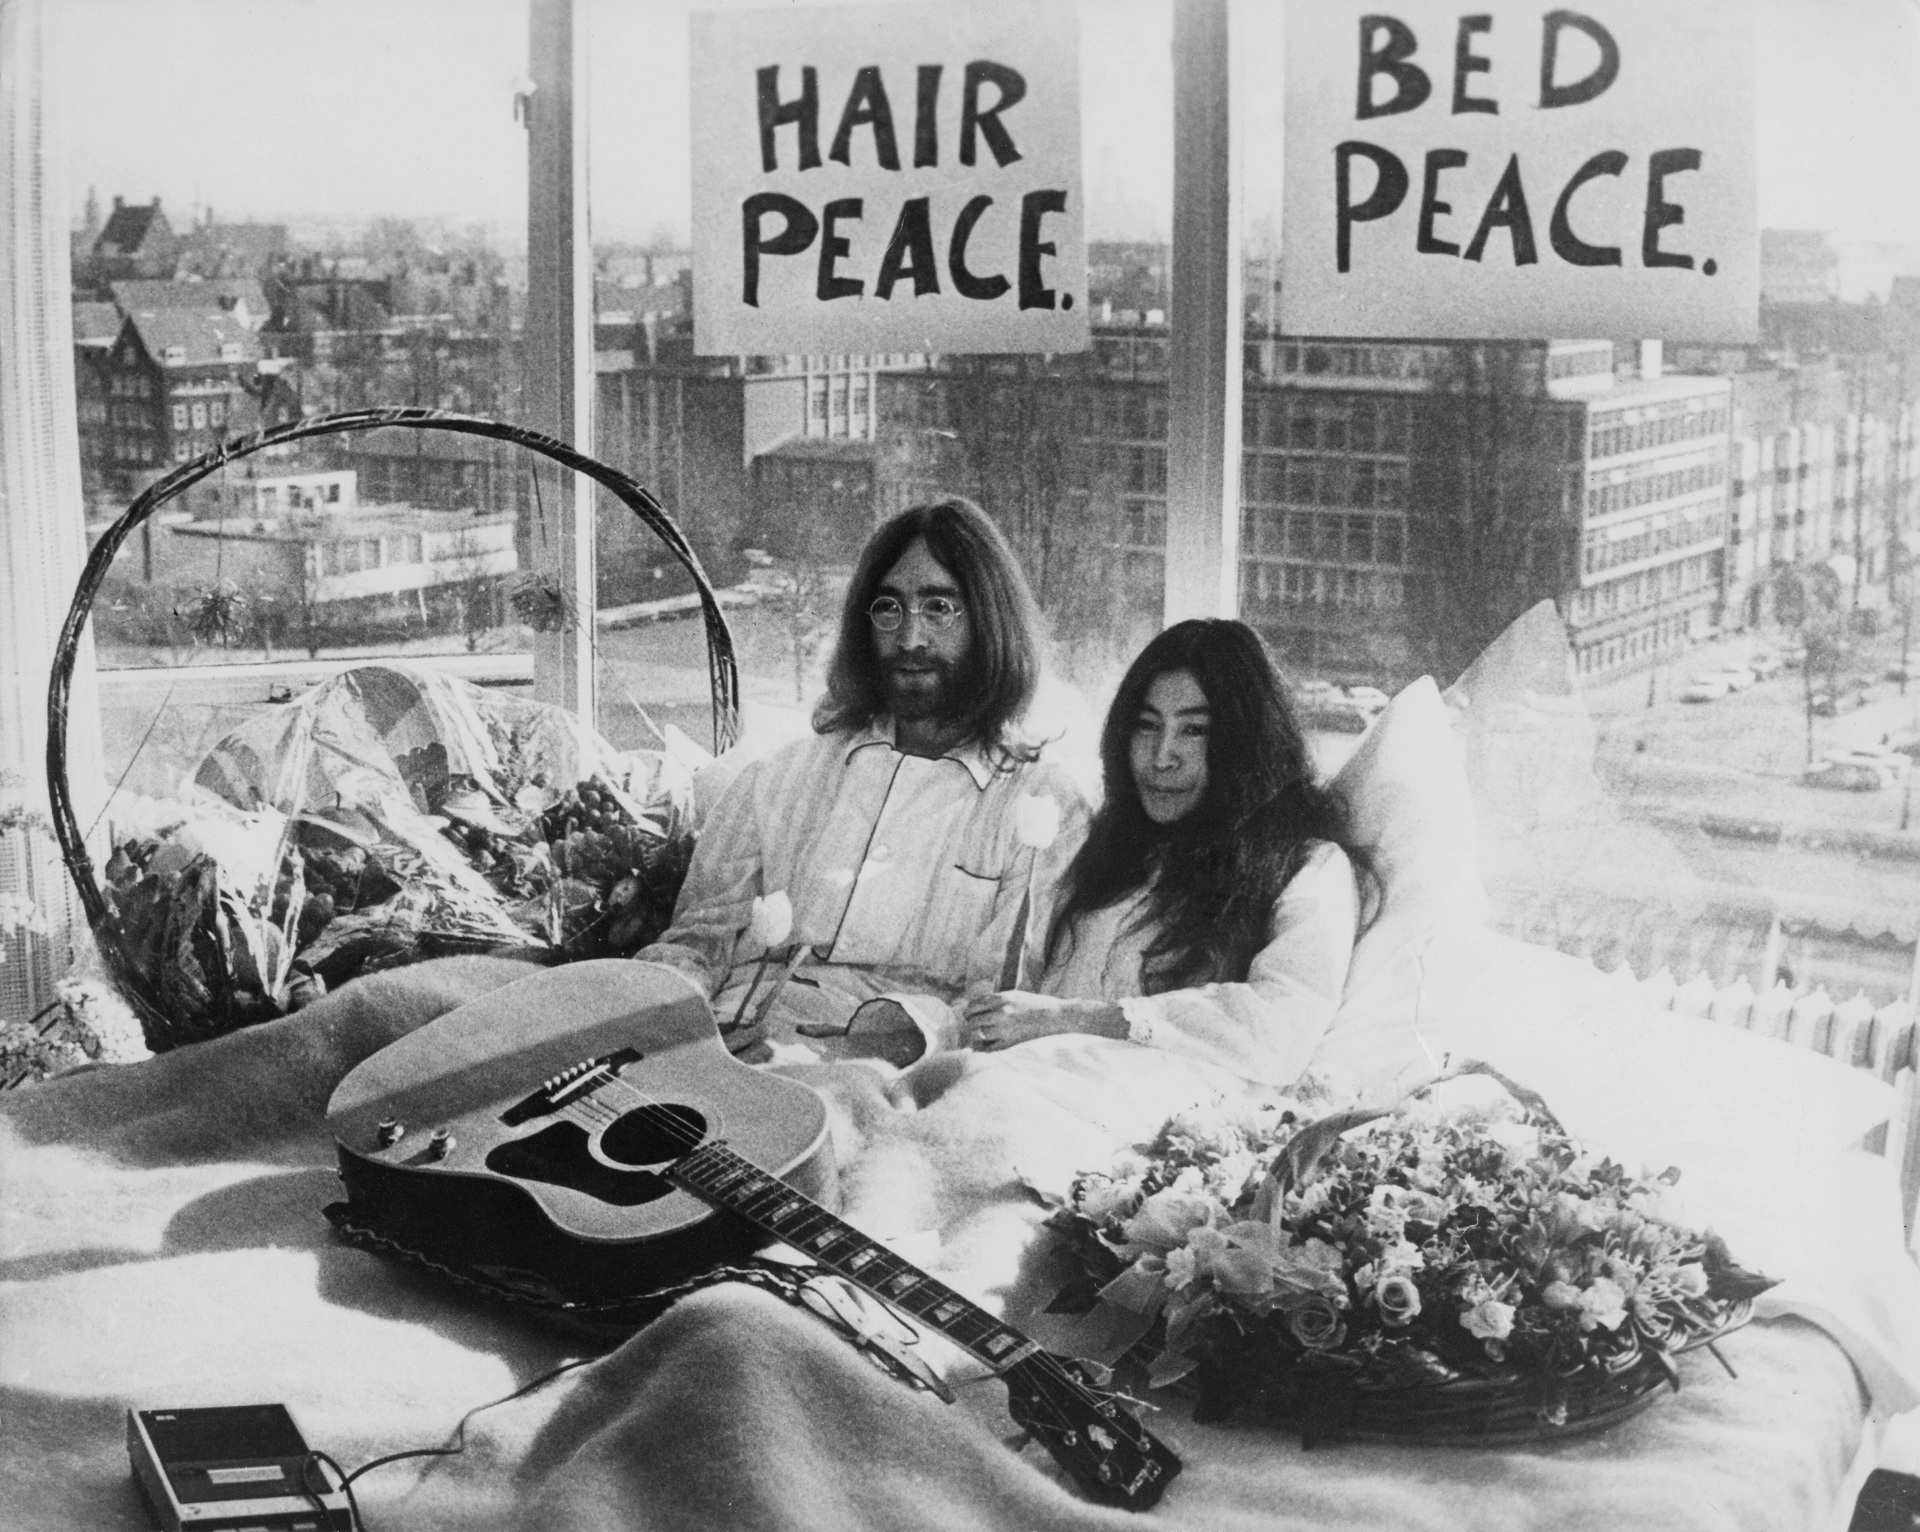 Архивную кассету с песней Джона Леннона и Йоко Оно продали за 60 тысяч долларов-Фото 1